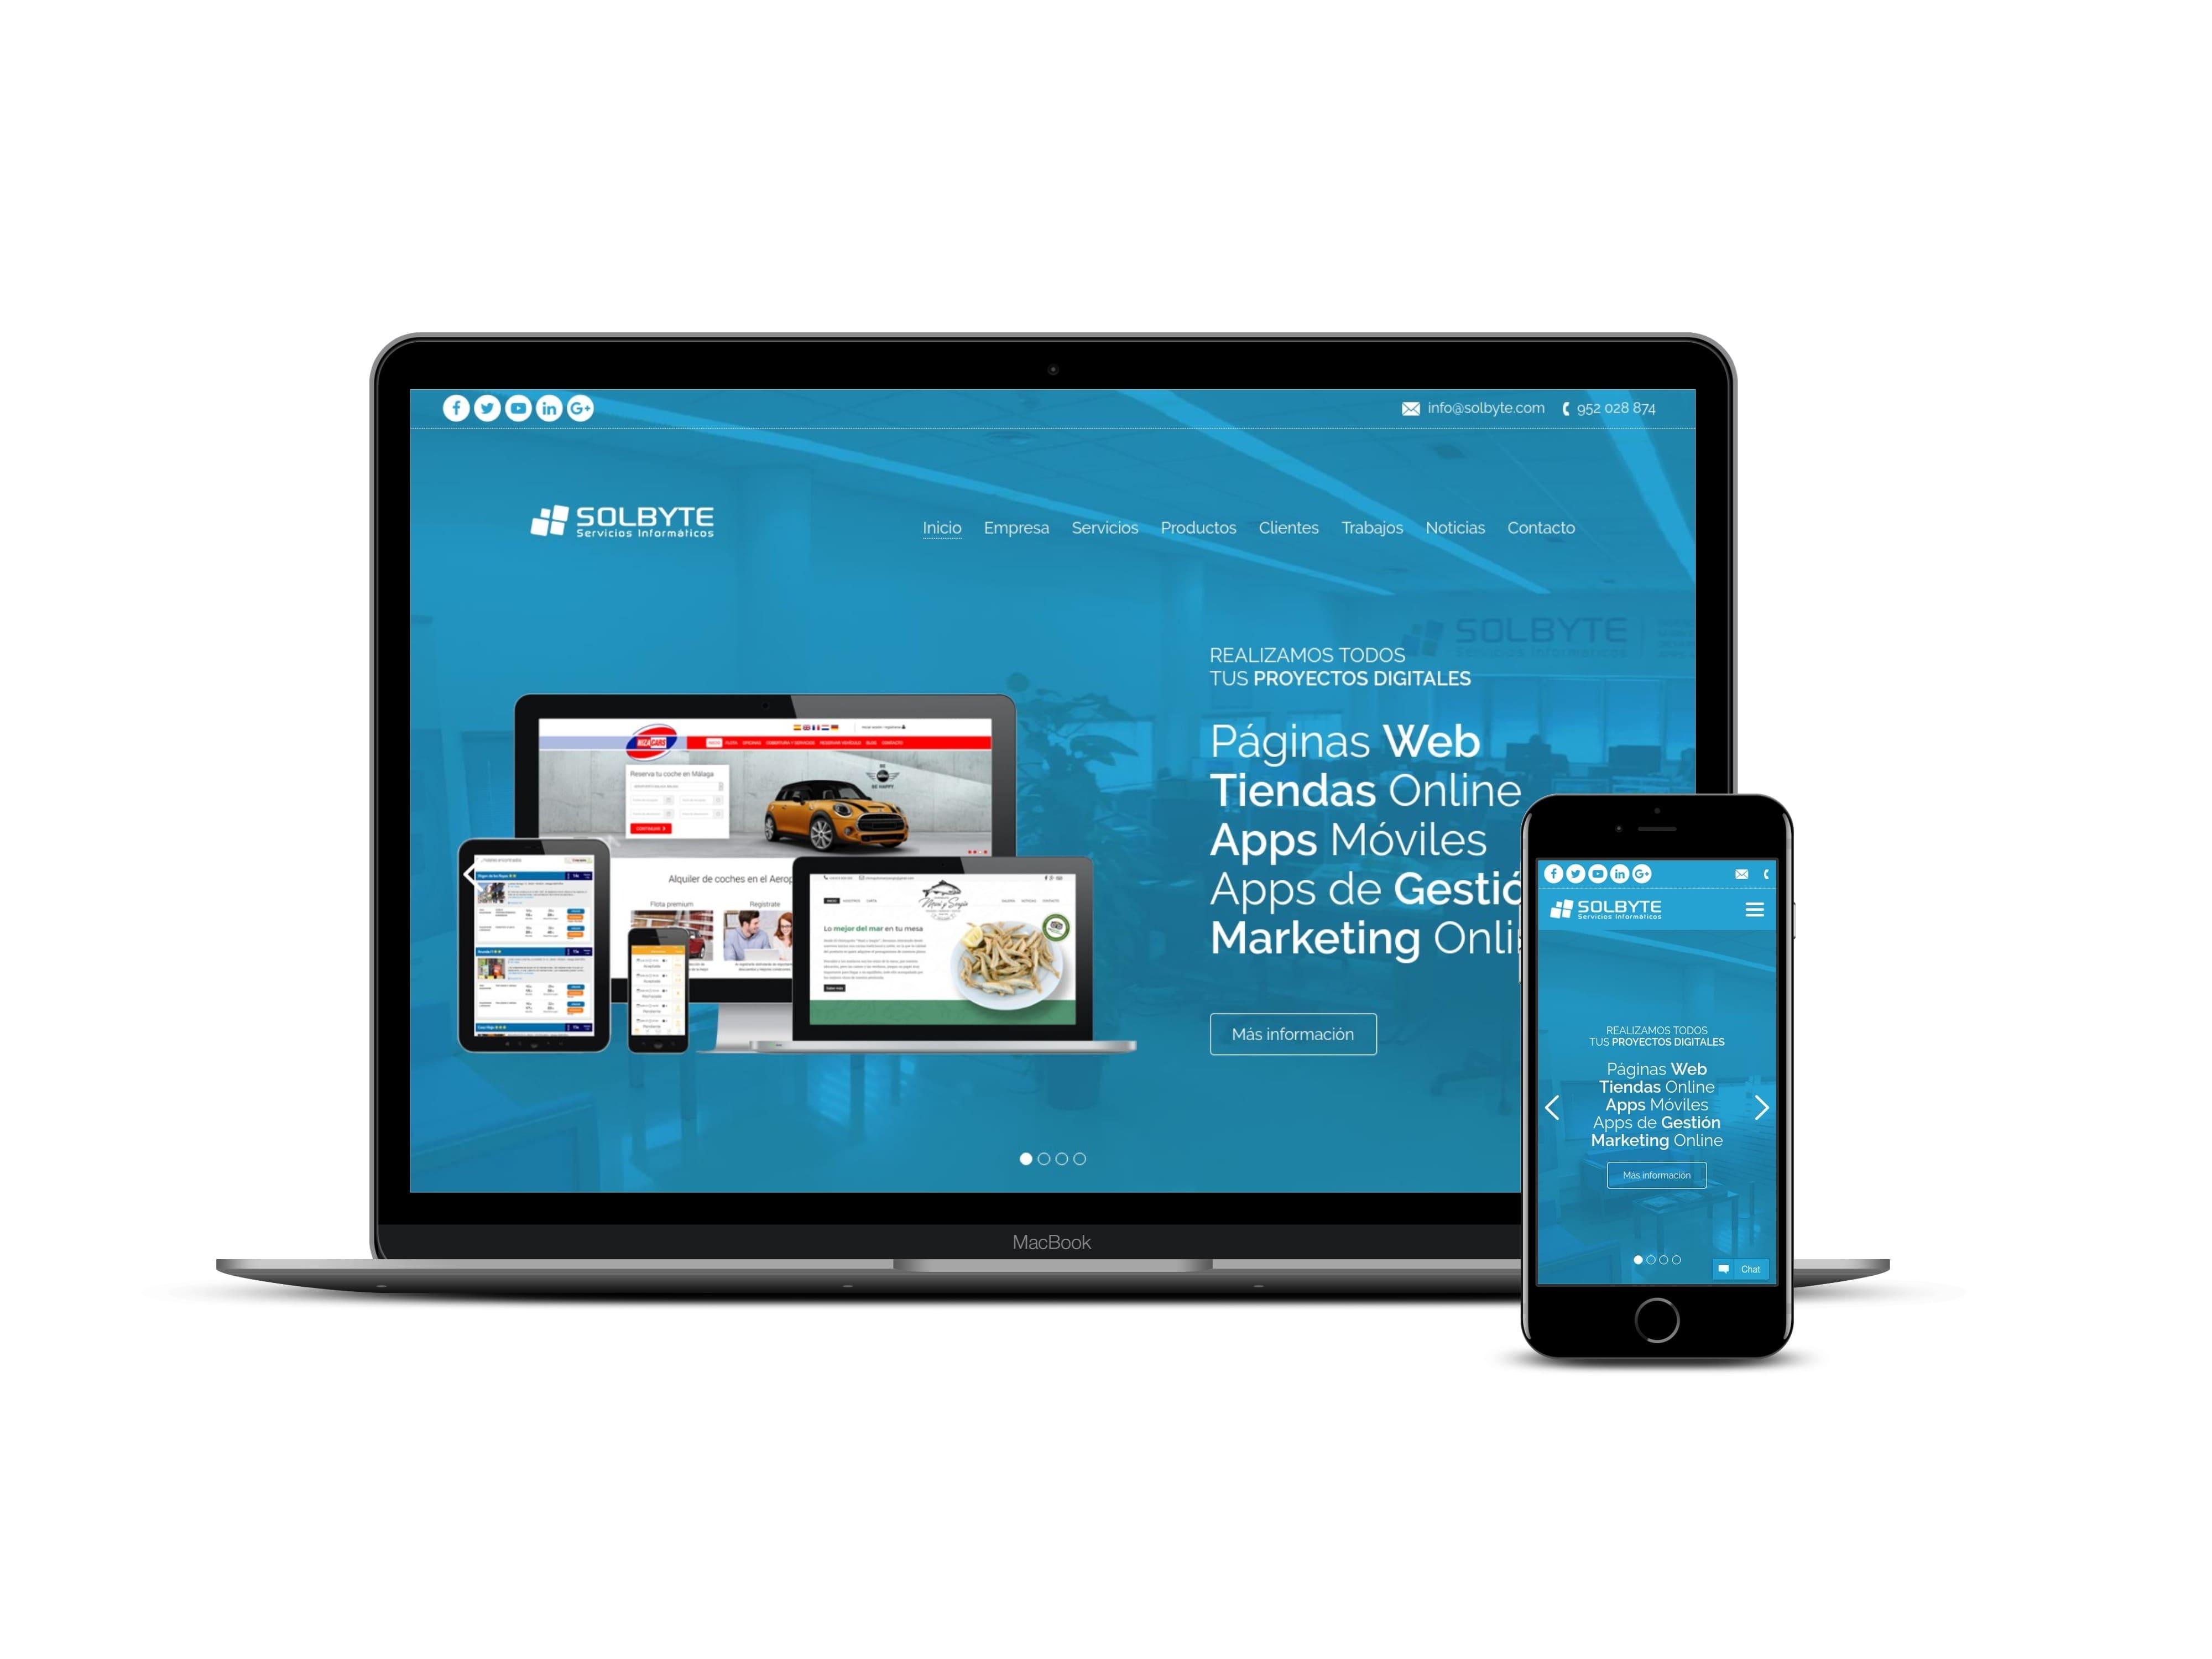 web responsive imagen